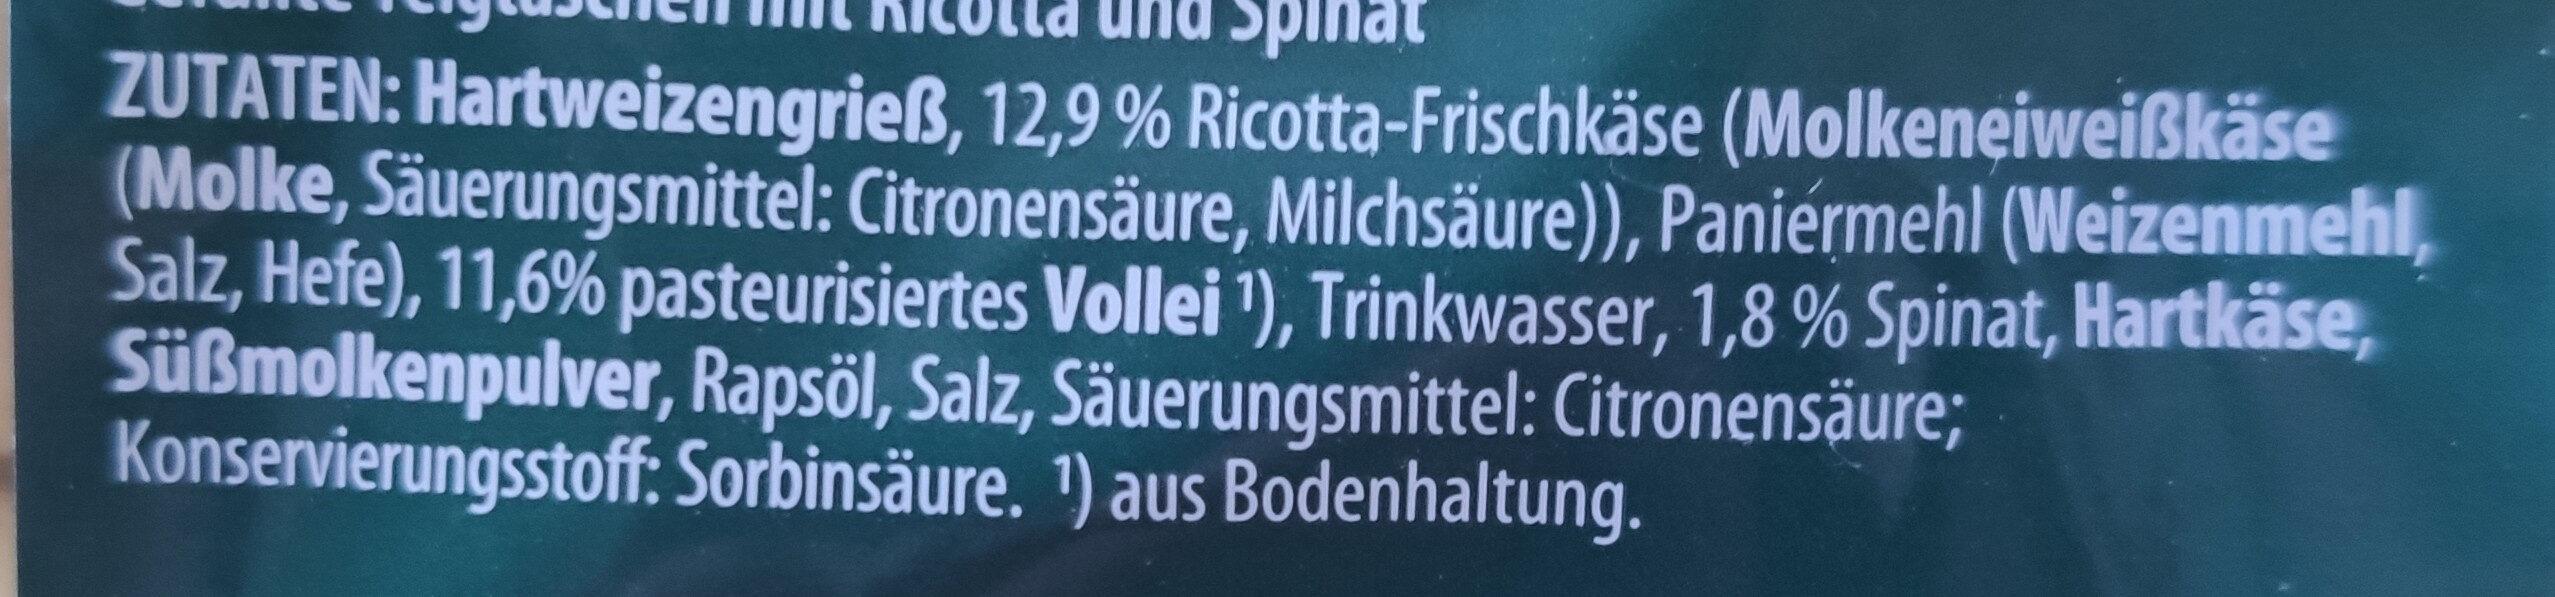 Tortelloni Ricotta Spinat - Zutaten - de